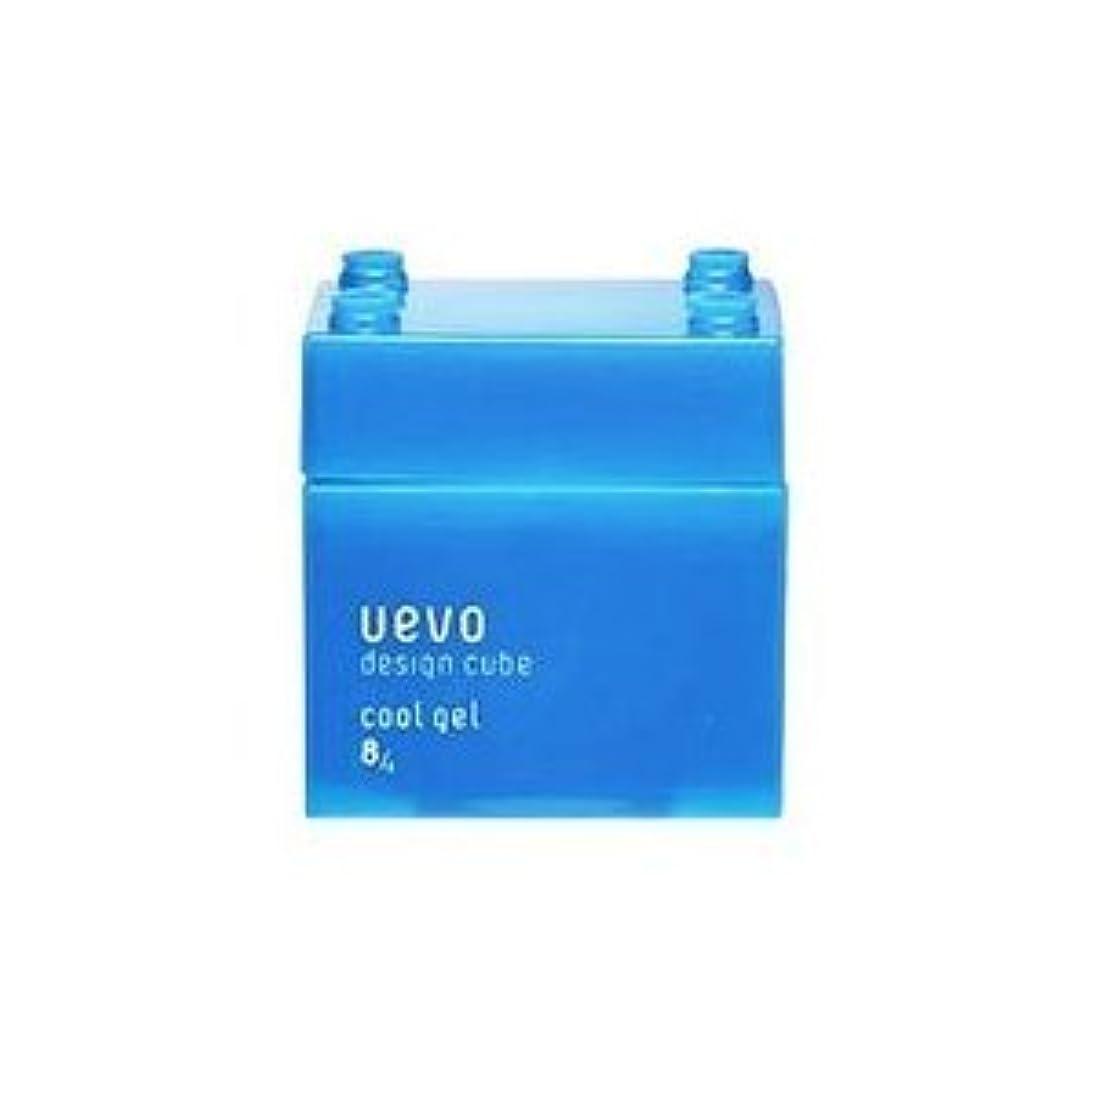 短くする警察署柔らかさ【X3個セット】 デミ ウェーボ デザインキューブ クールジェル 80g cool gel DEMI uevo design cube